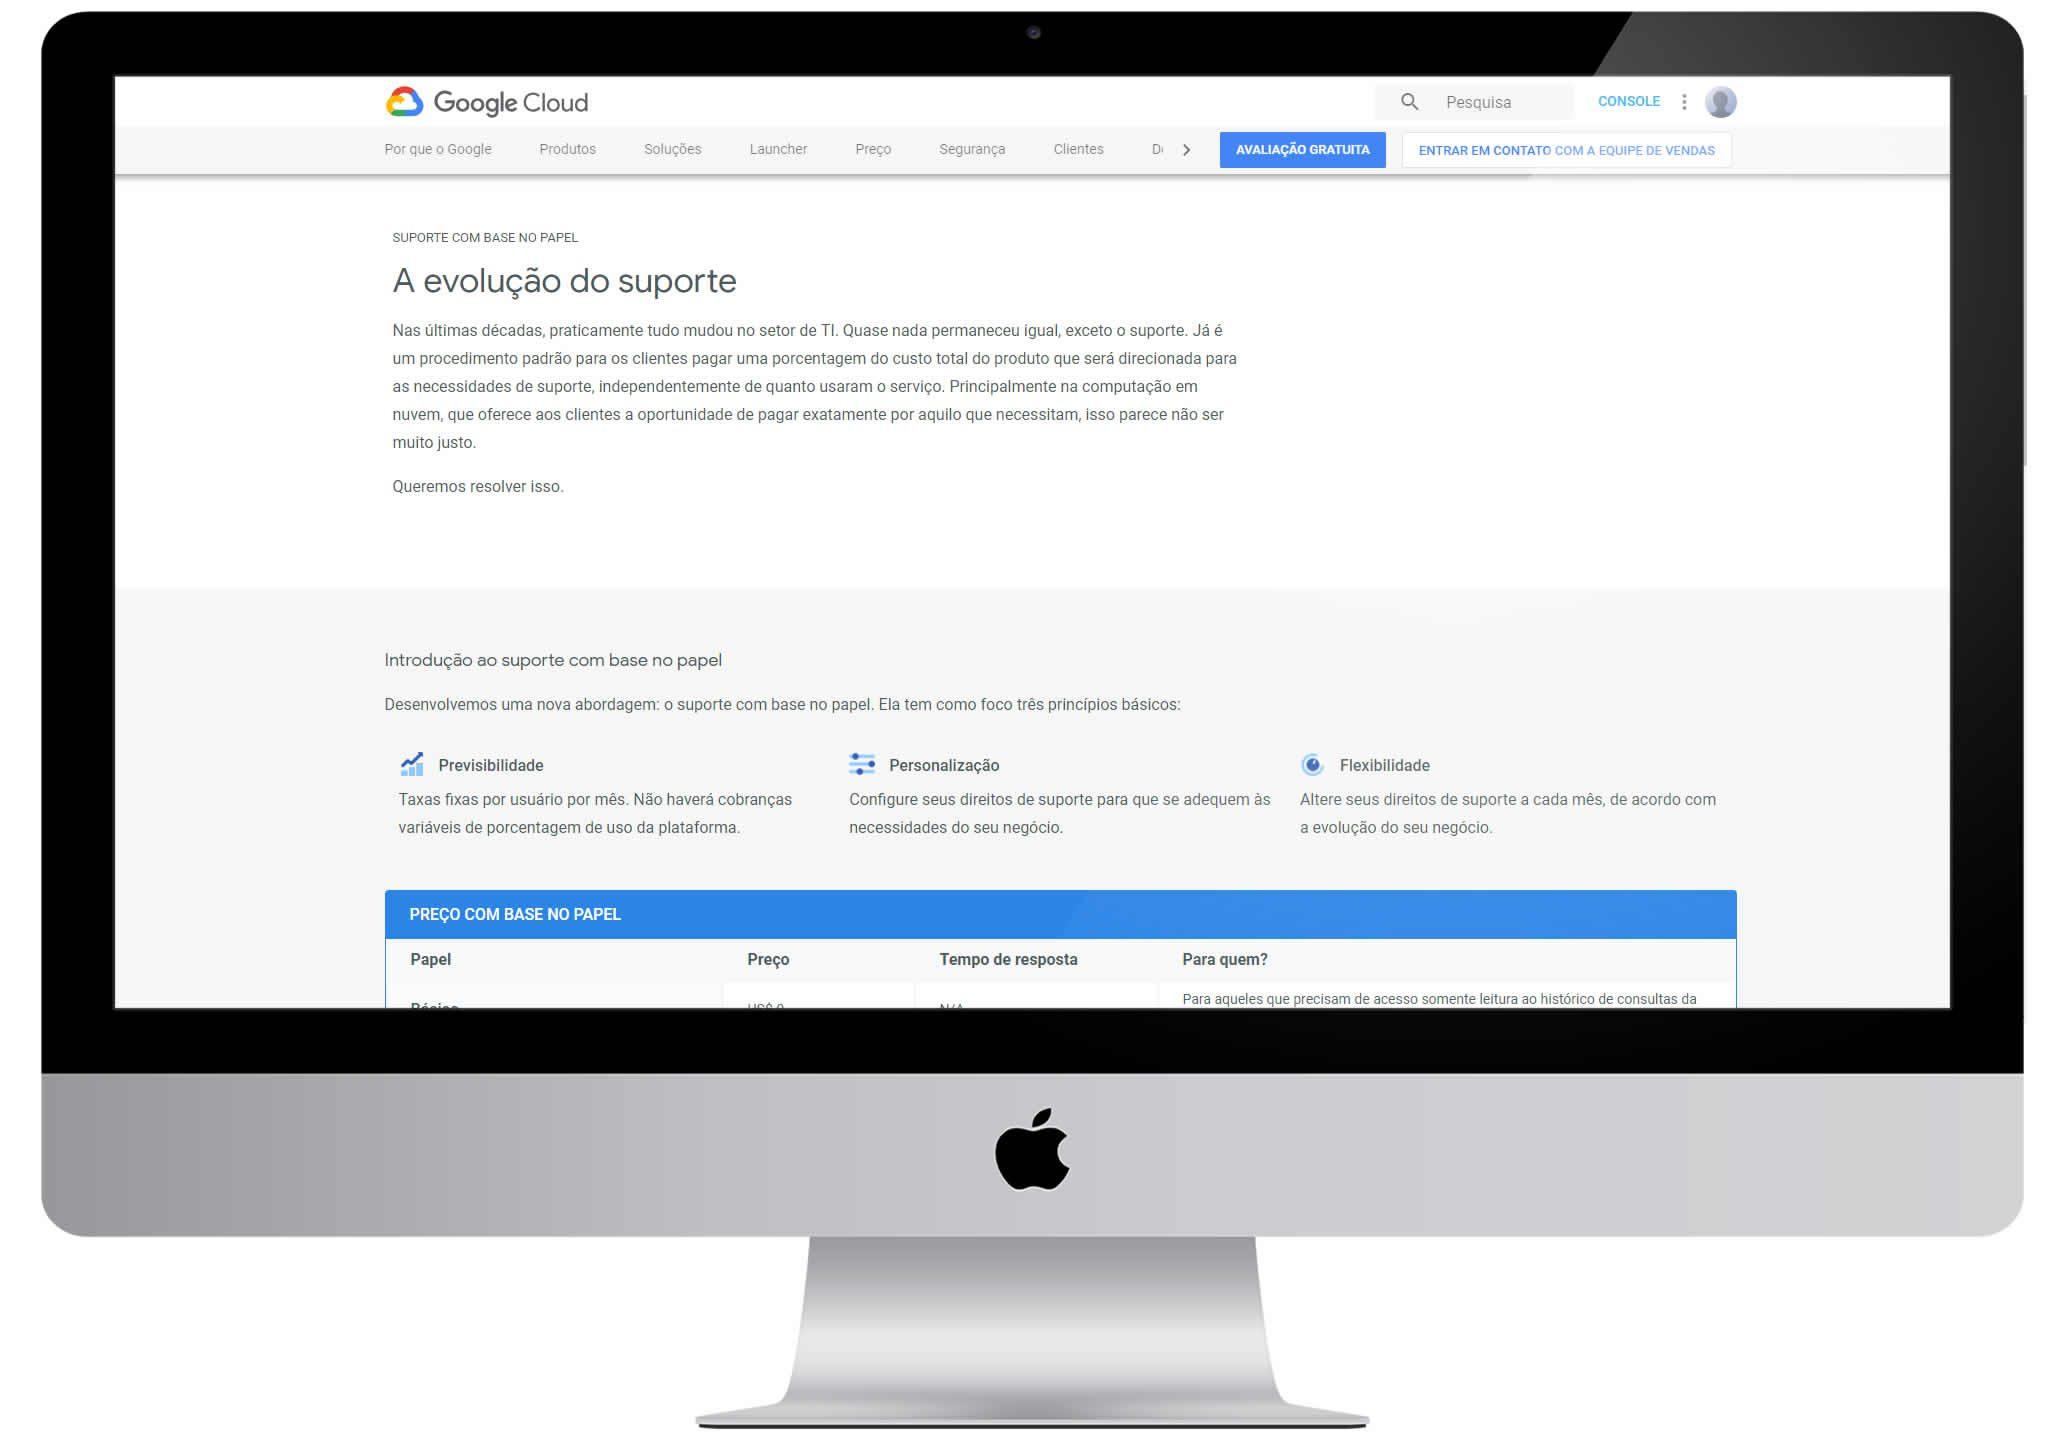 tempo de resposta - google cloud support - satisfação de clientes - tracksale